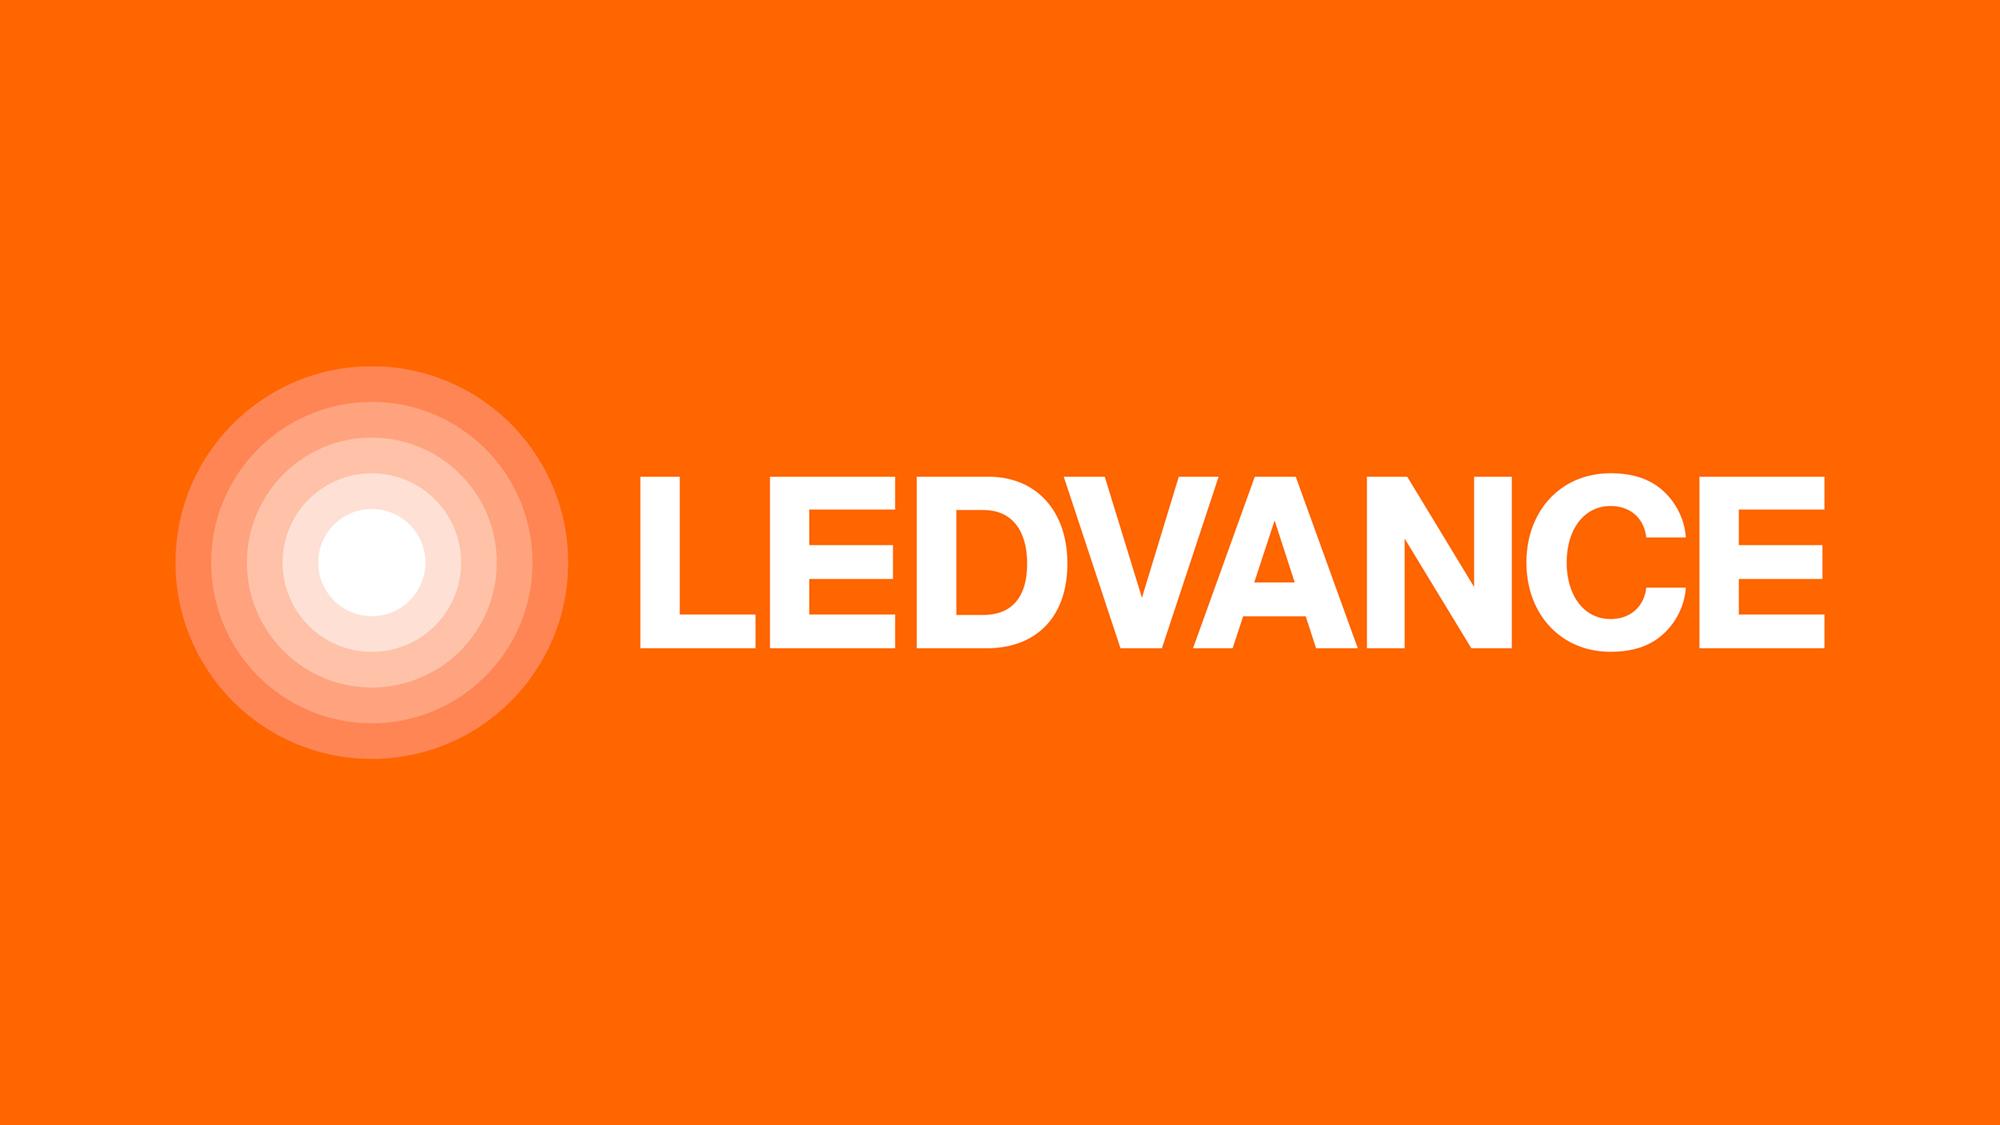 Imagini pentru ledvance logo